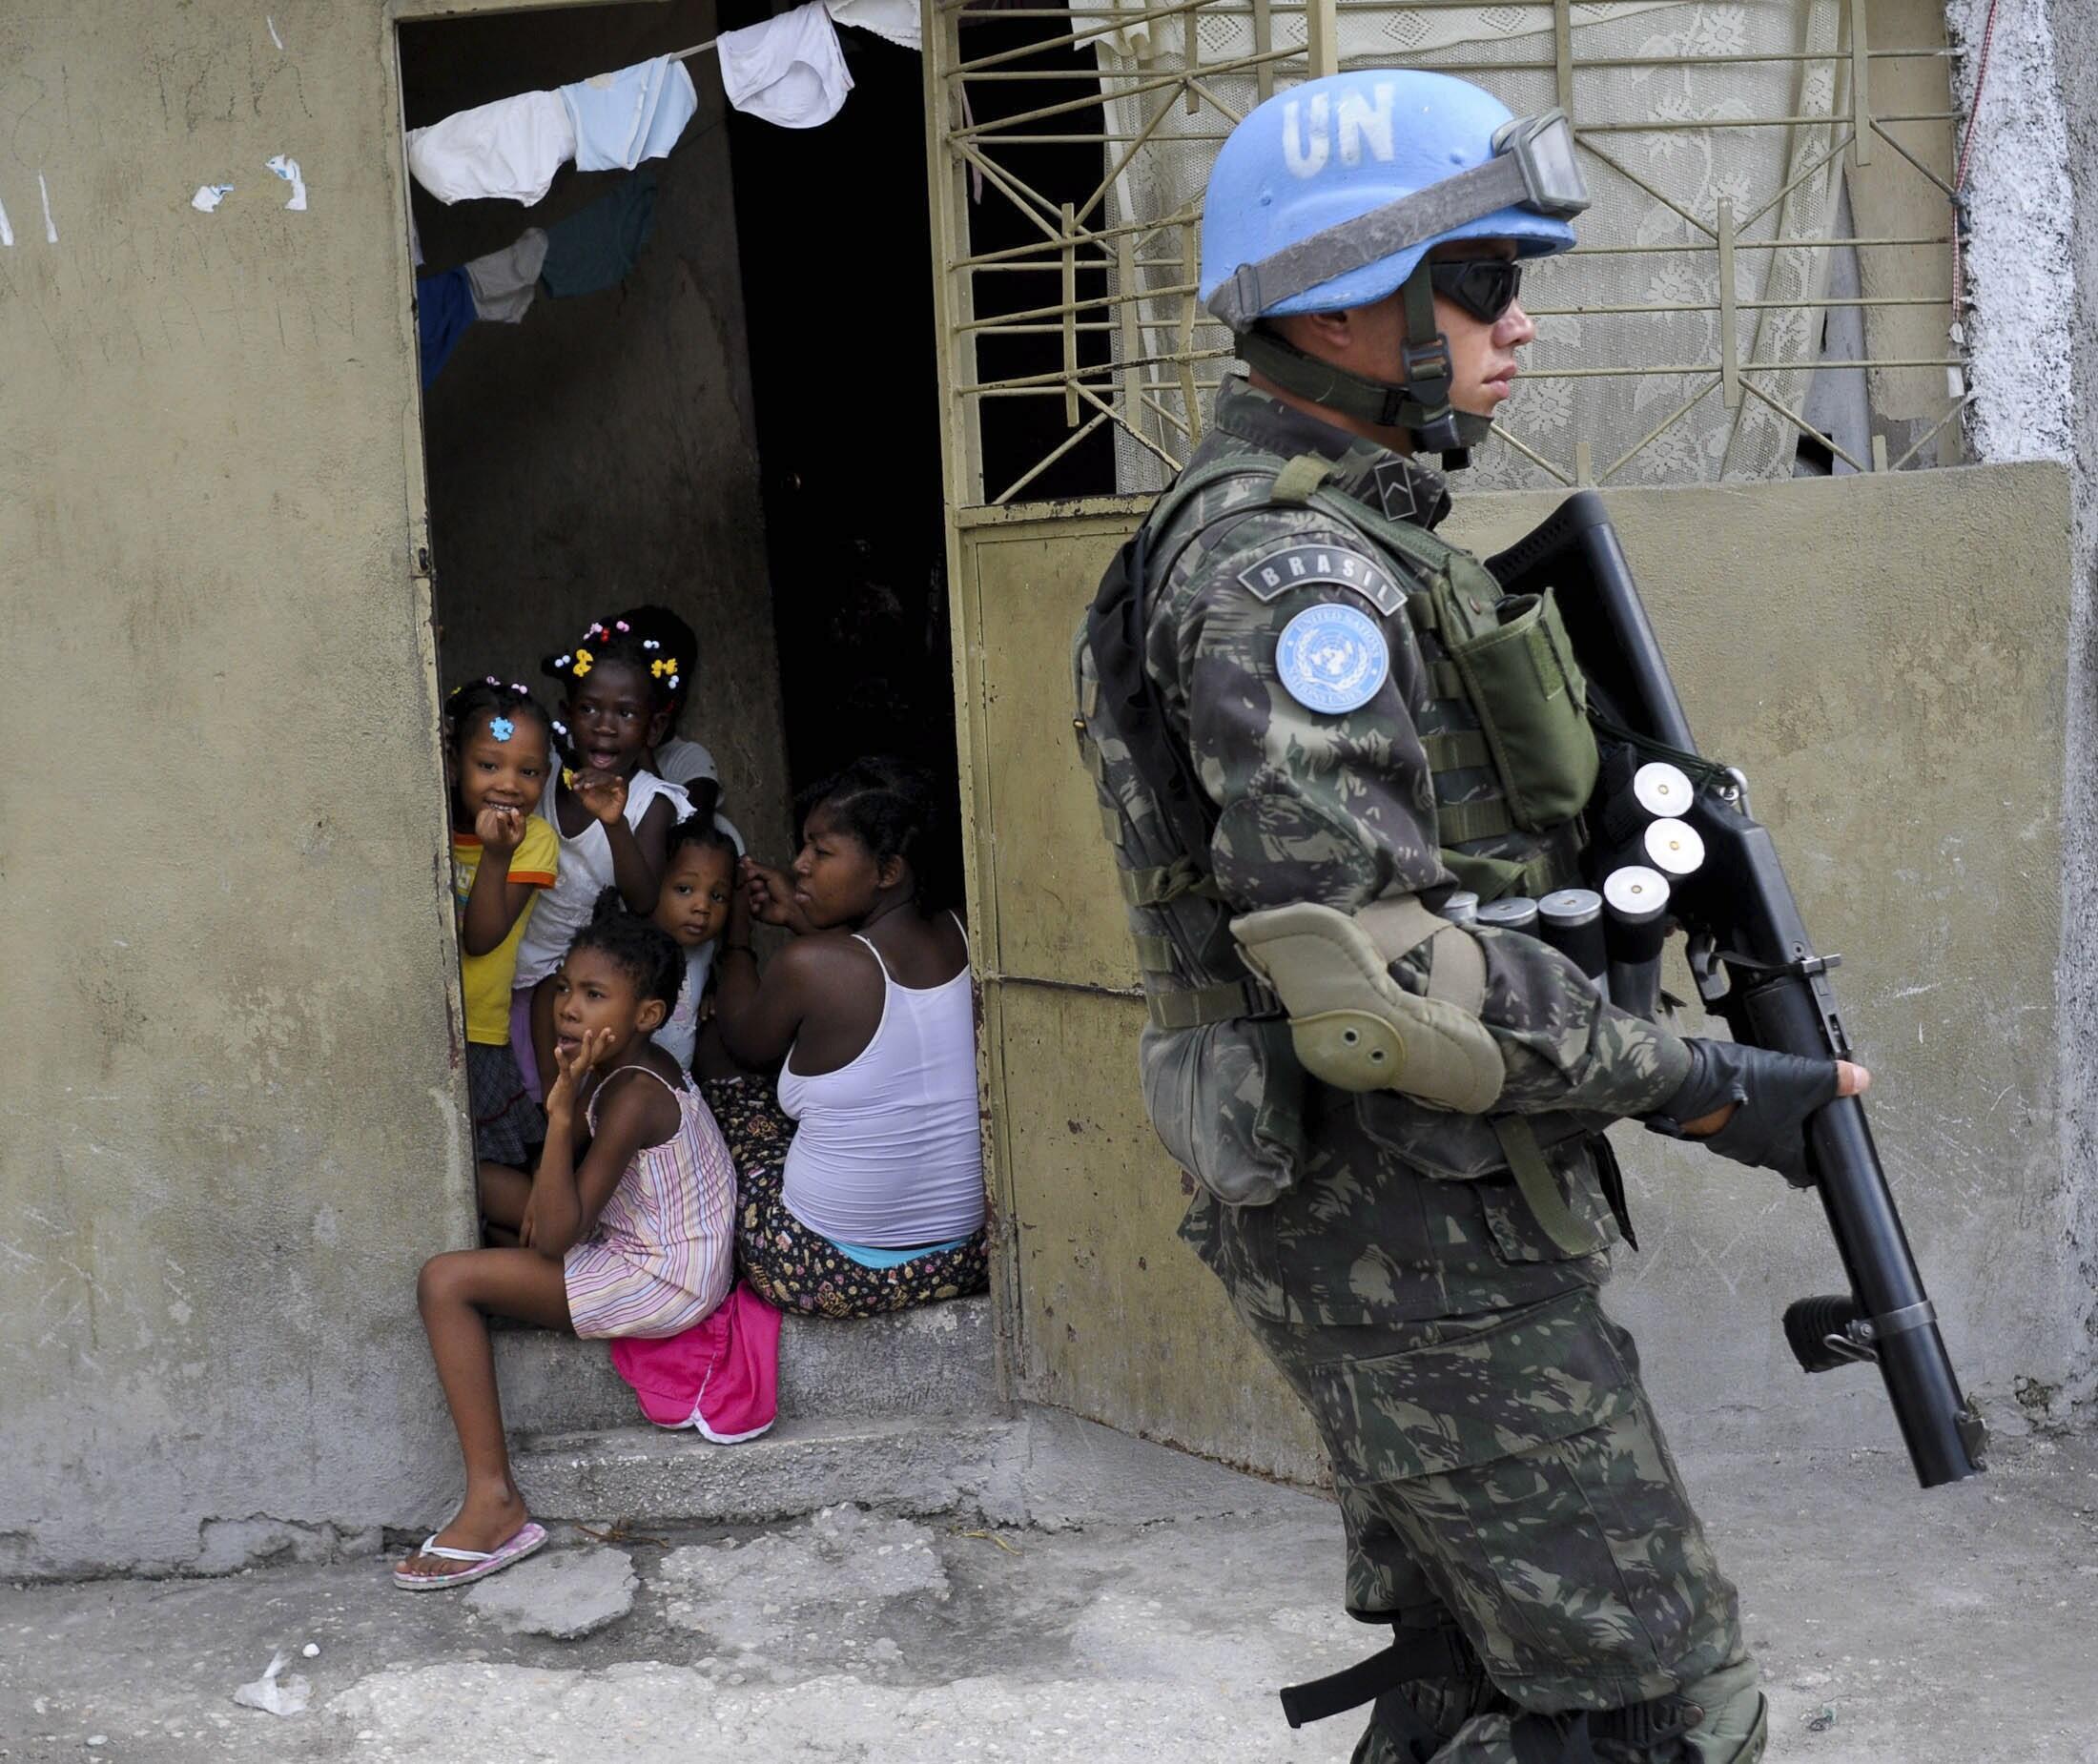 Un soldado brasileño de la Minustah en Puerto Príncipe, Haití, agosto de 2011.